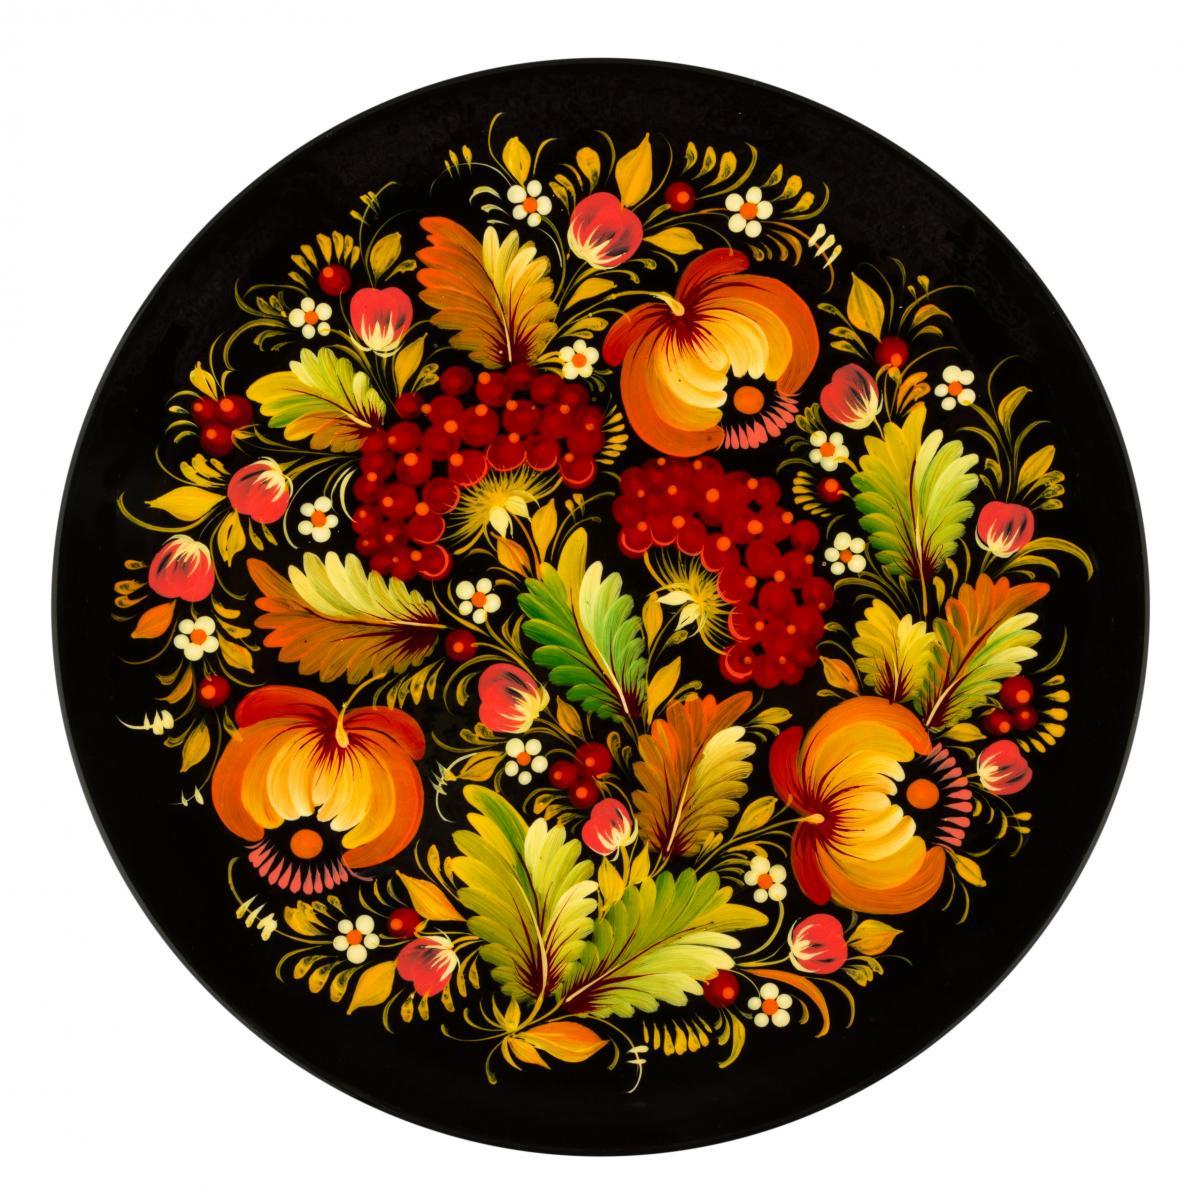 Сувенирная тарелка с узорами Петриковской росписи, 30 см. Фото №1. | Народный дом Украина